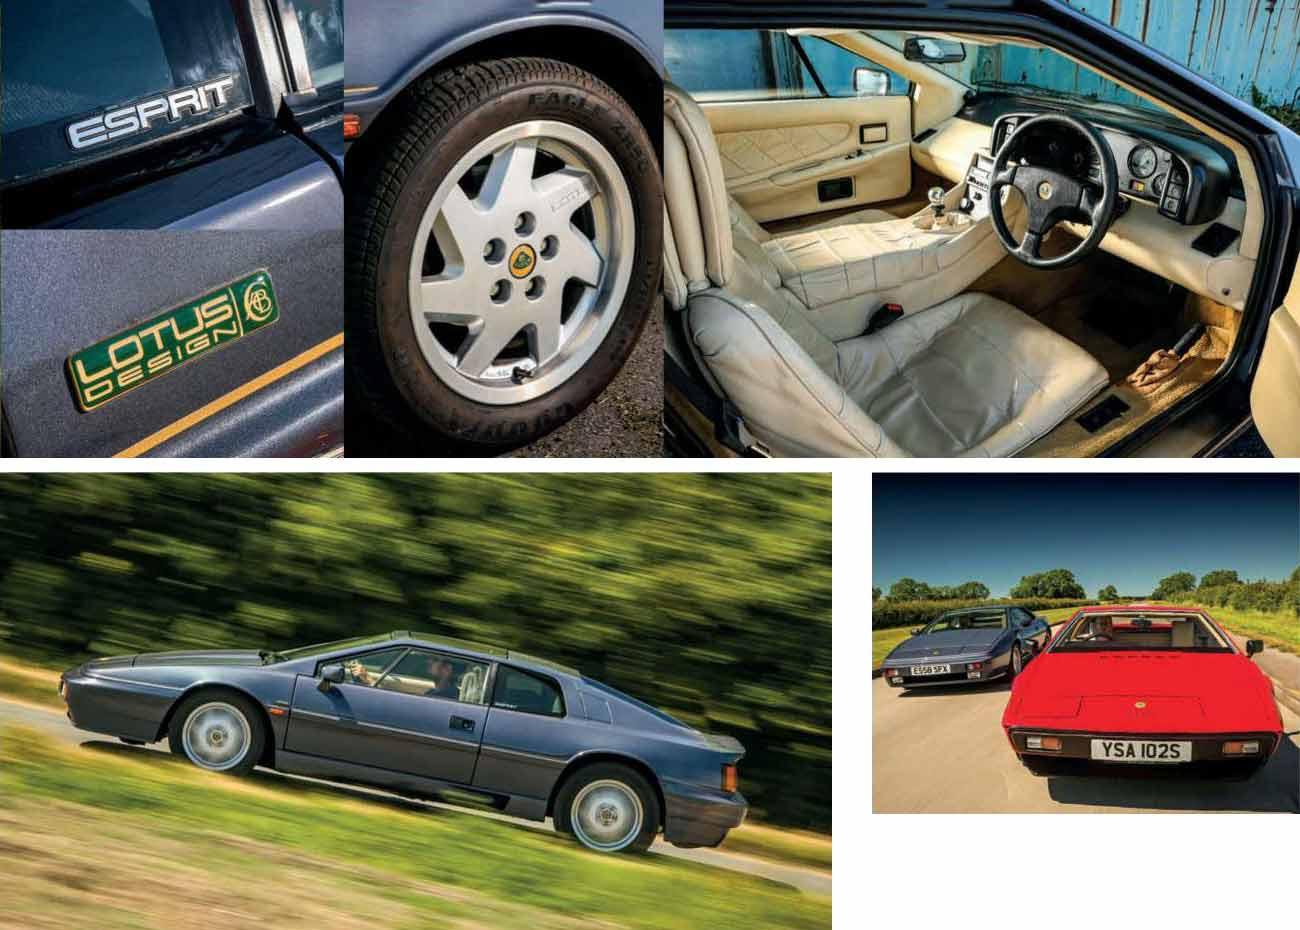 1987 Lotus Esprit SE